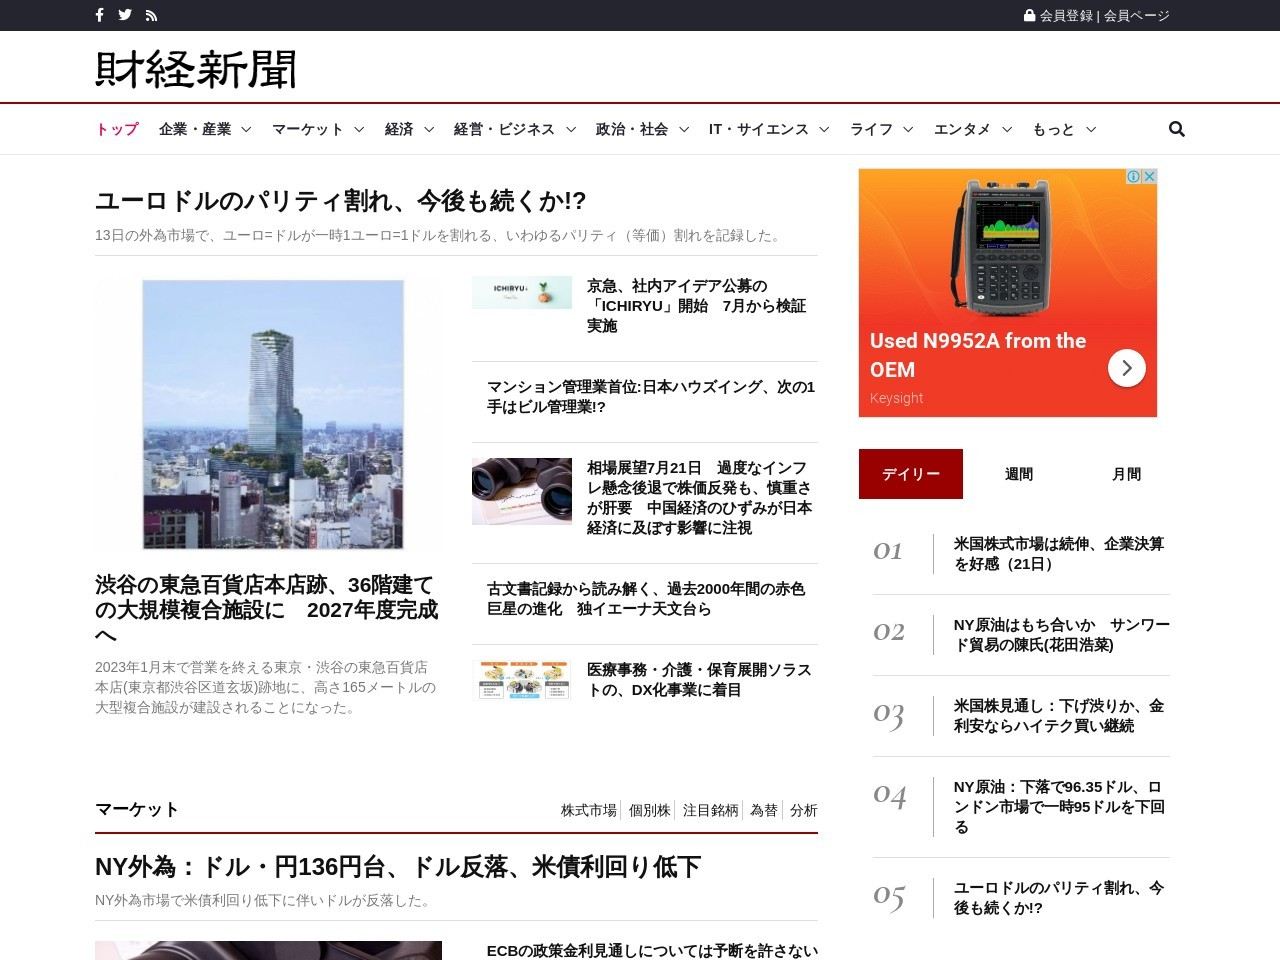 ポーラ「美肌県グランプリ」で島根県が1位 記念観光キャンペーンを実施